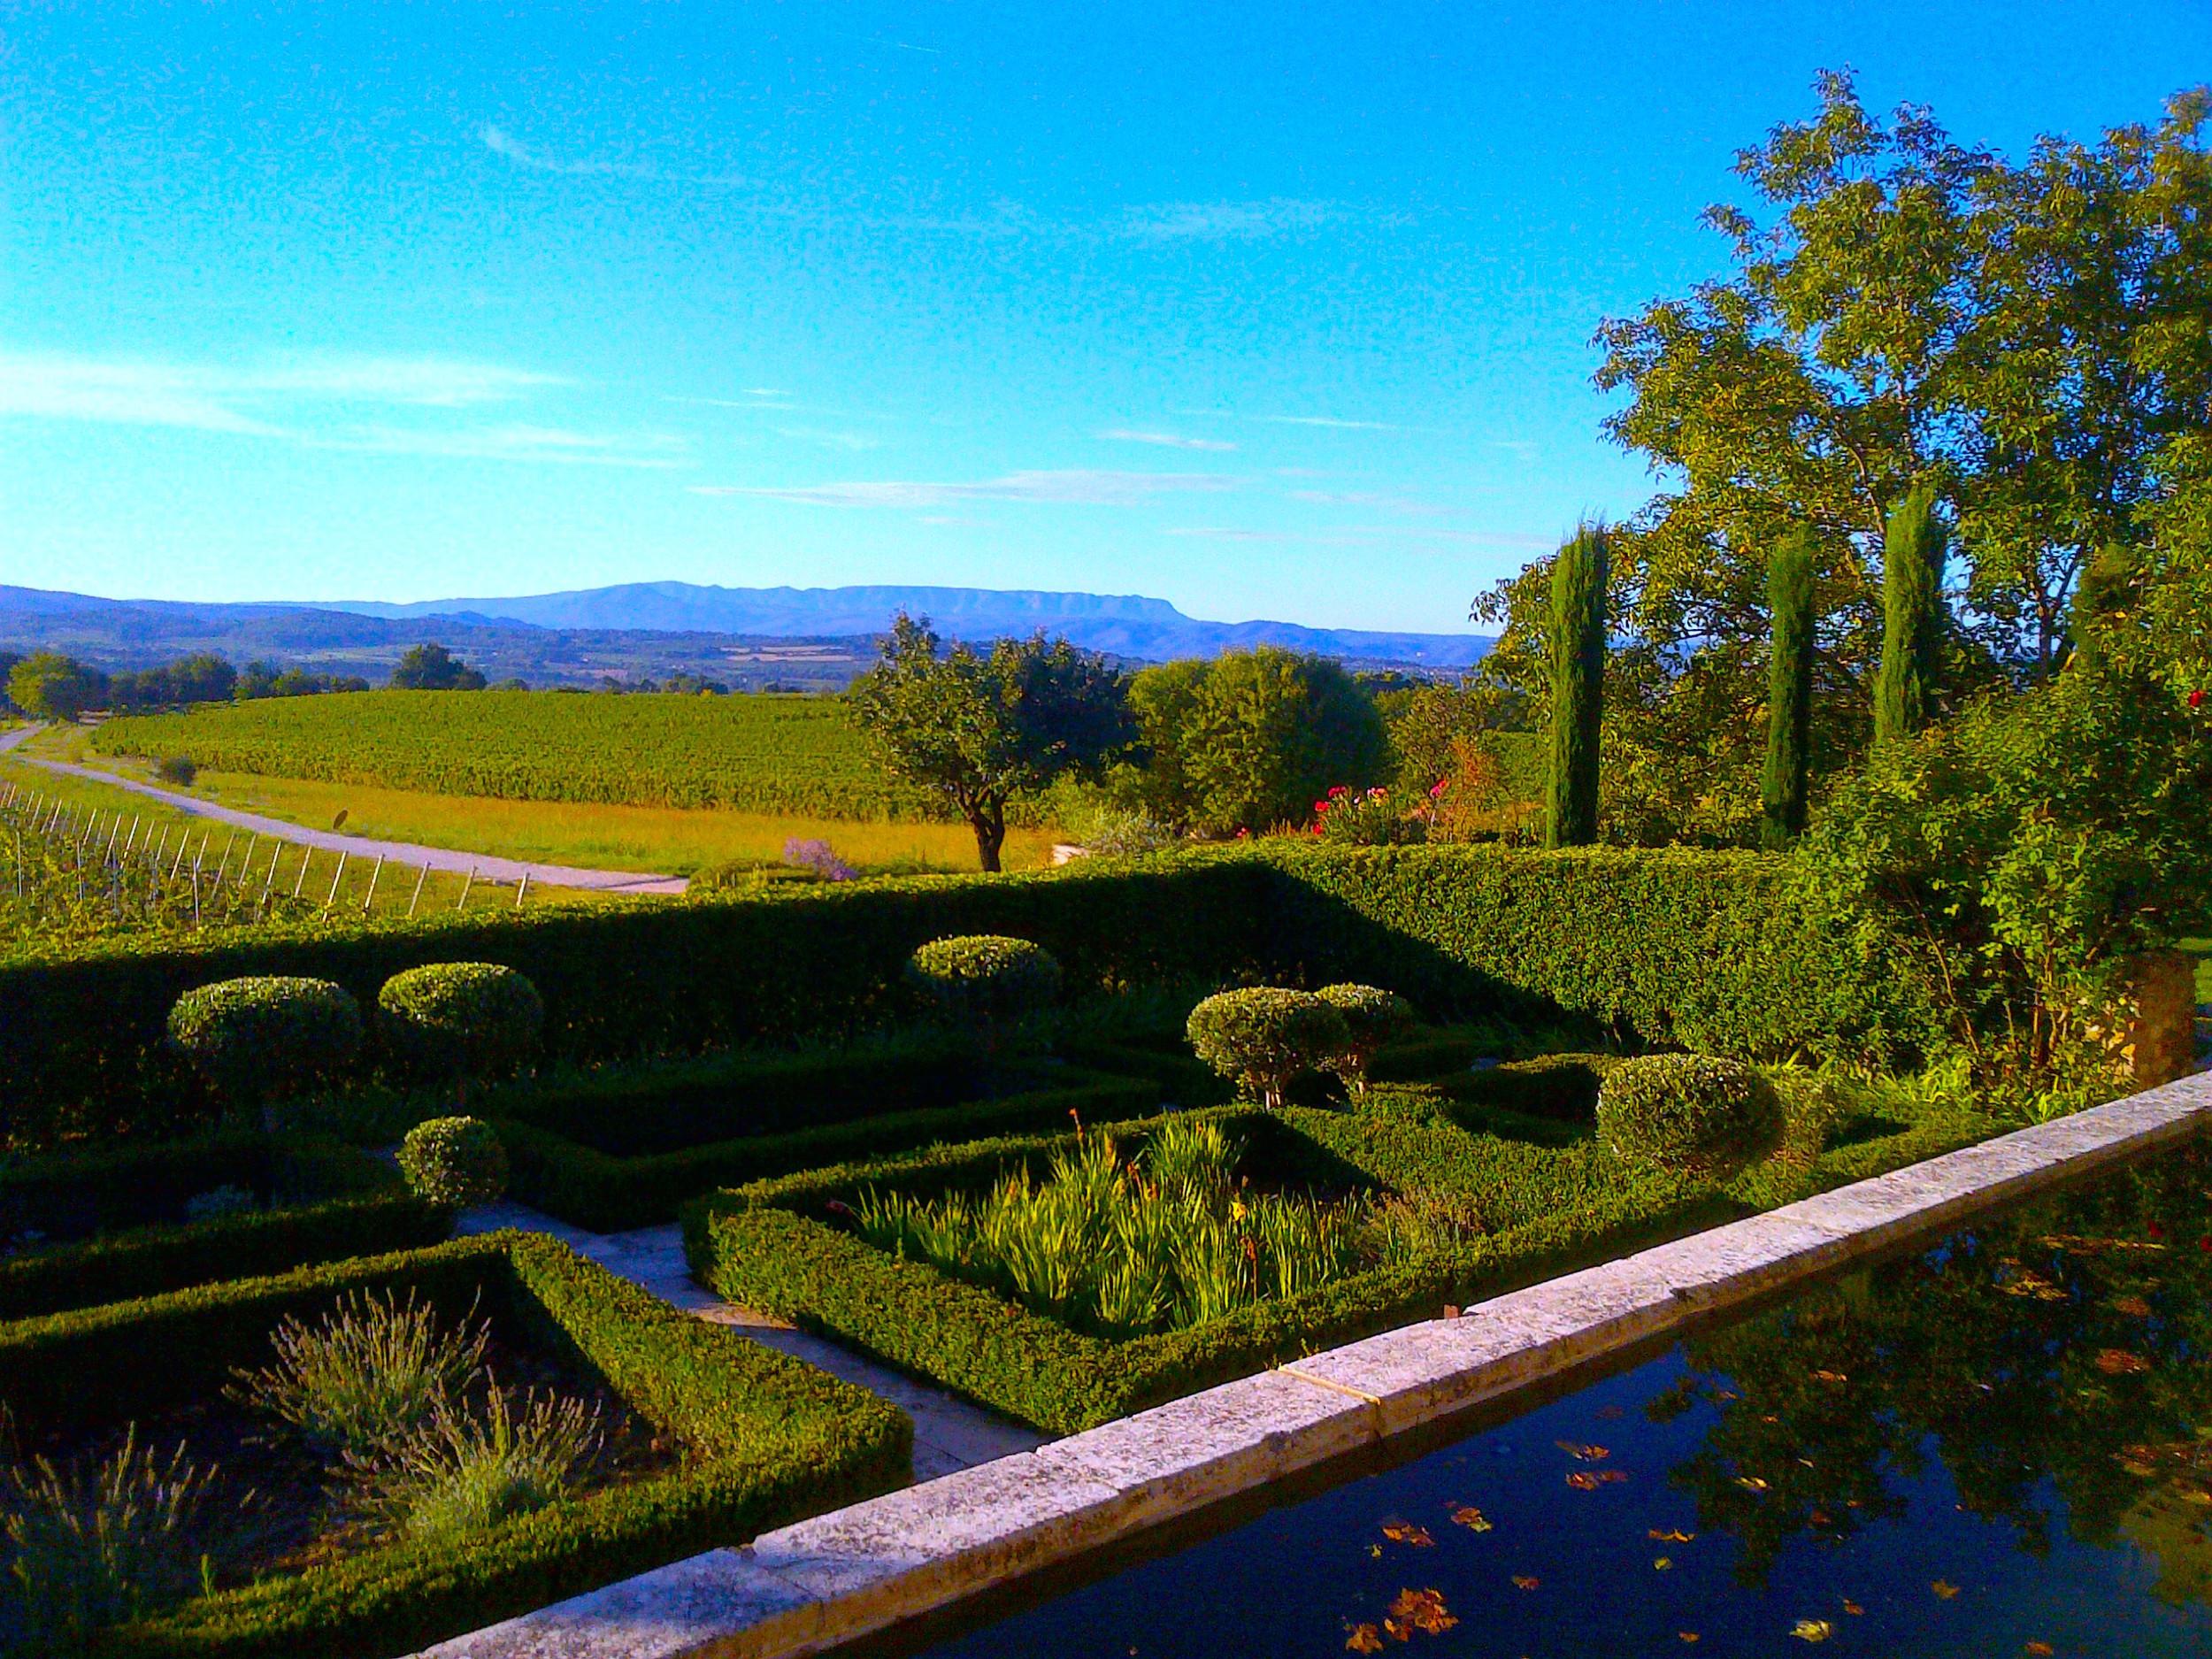 saint-medard-wine-provence-01